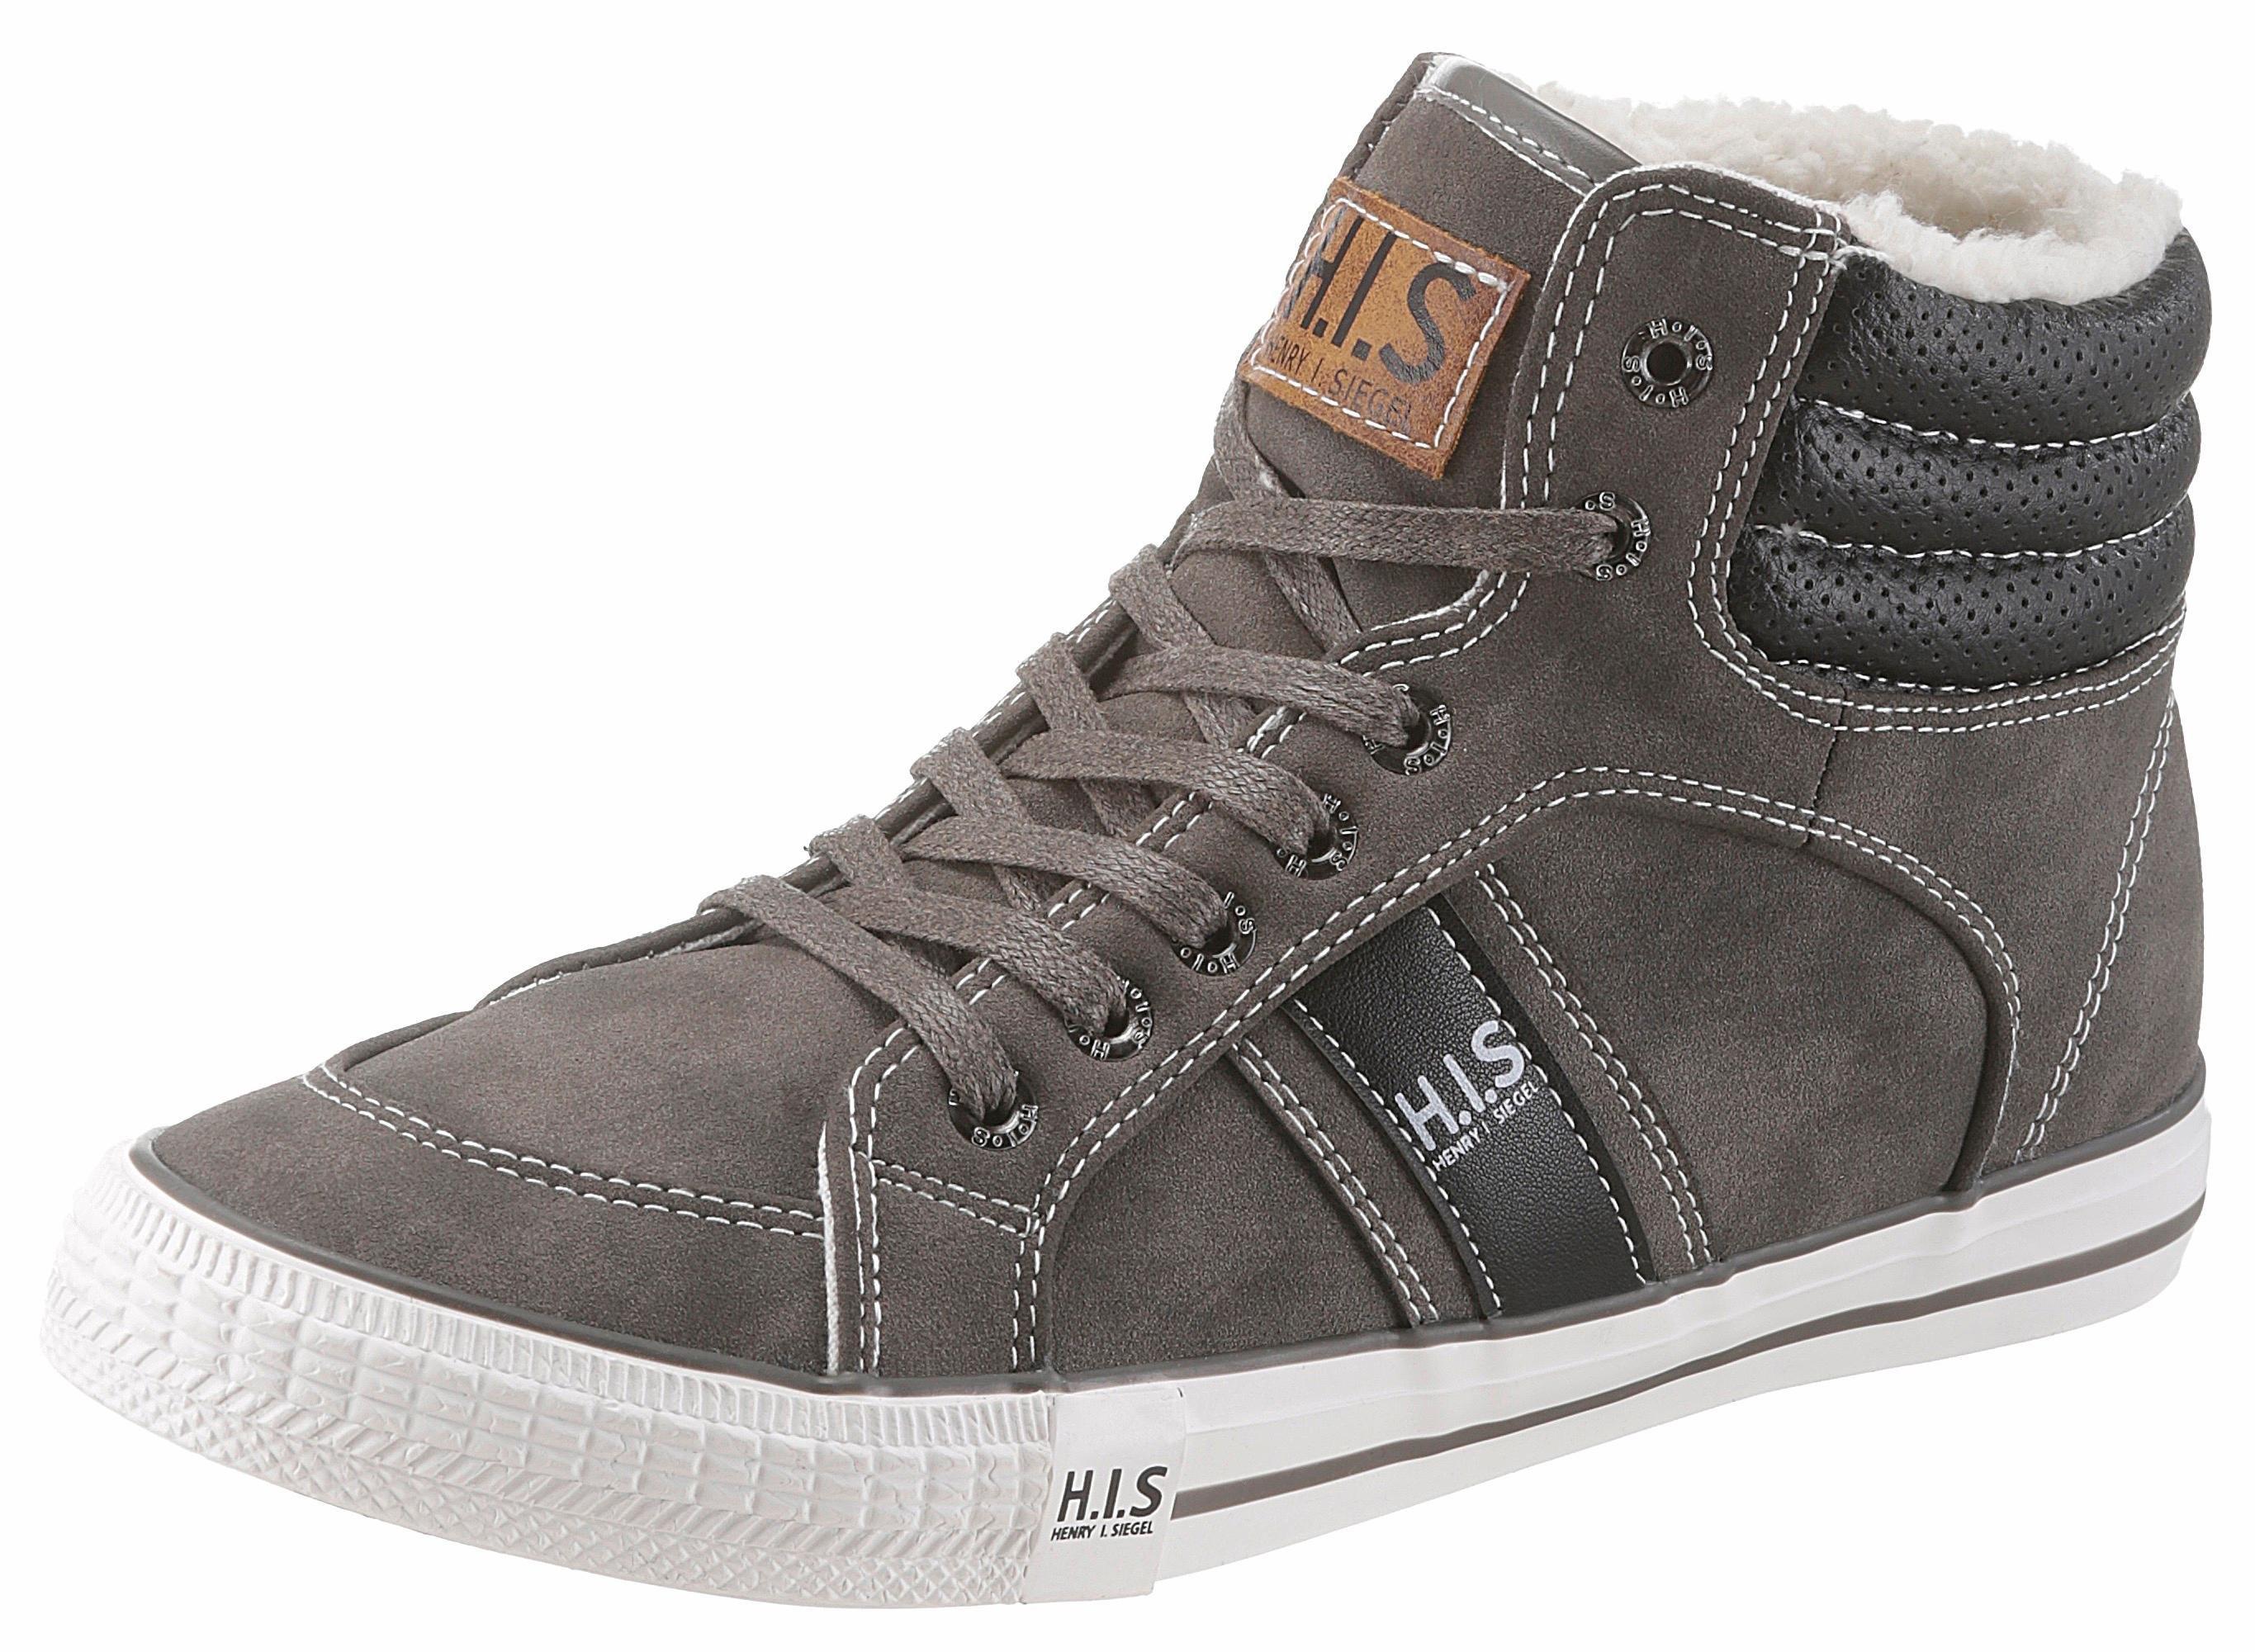 H.I.S sneakers - gratis ruilen op otto.nl